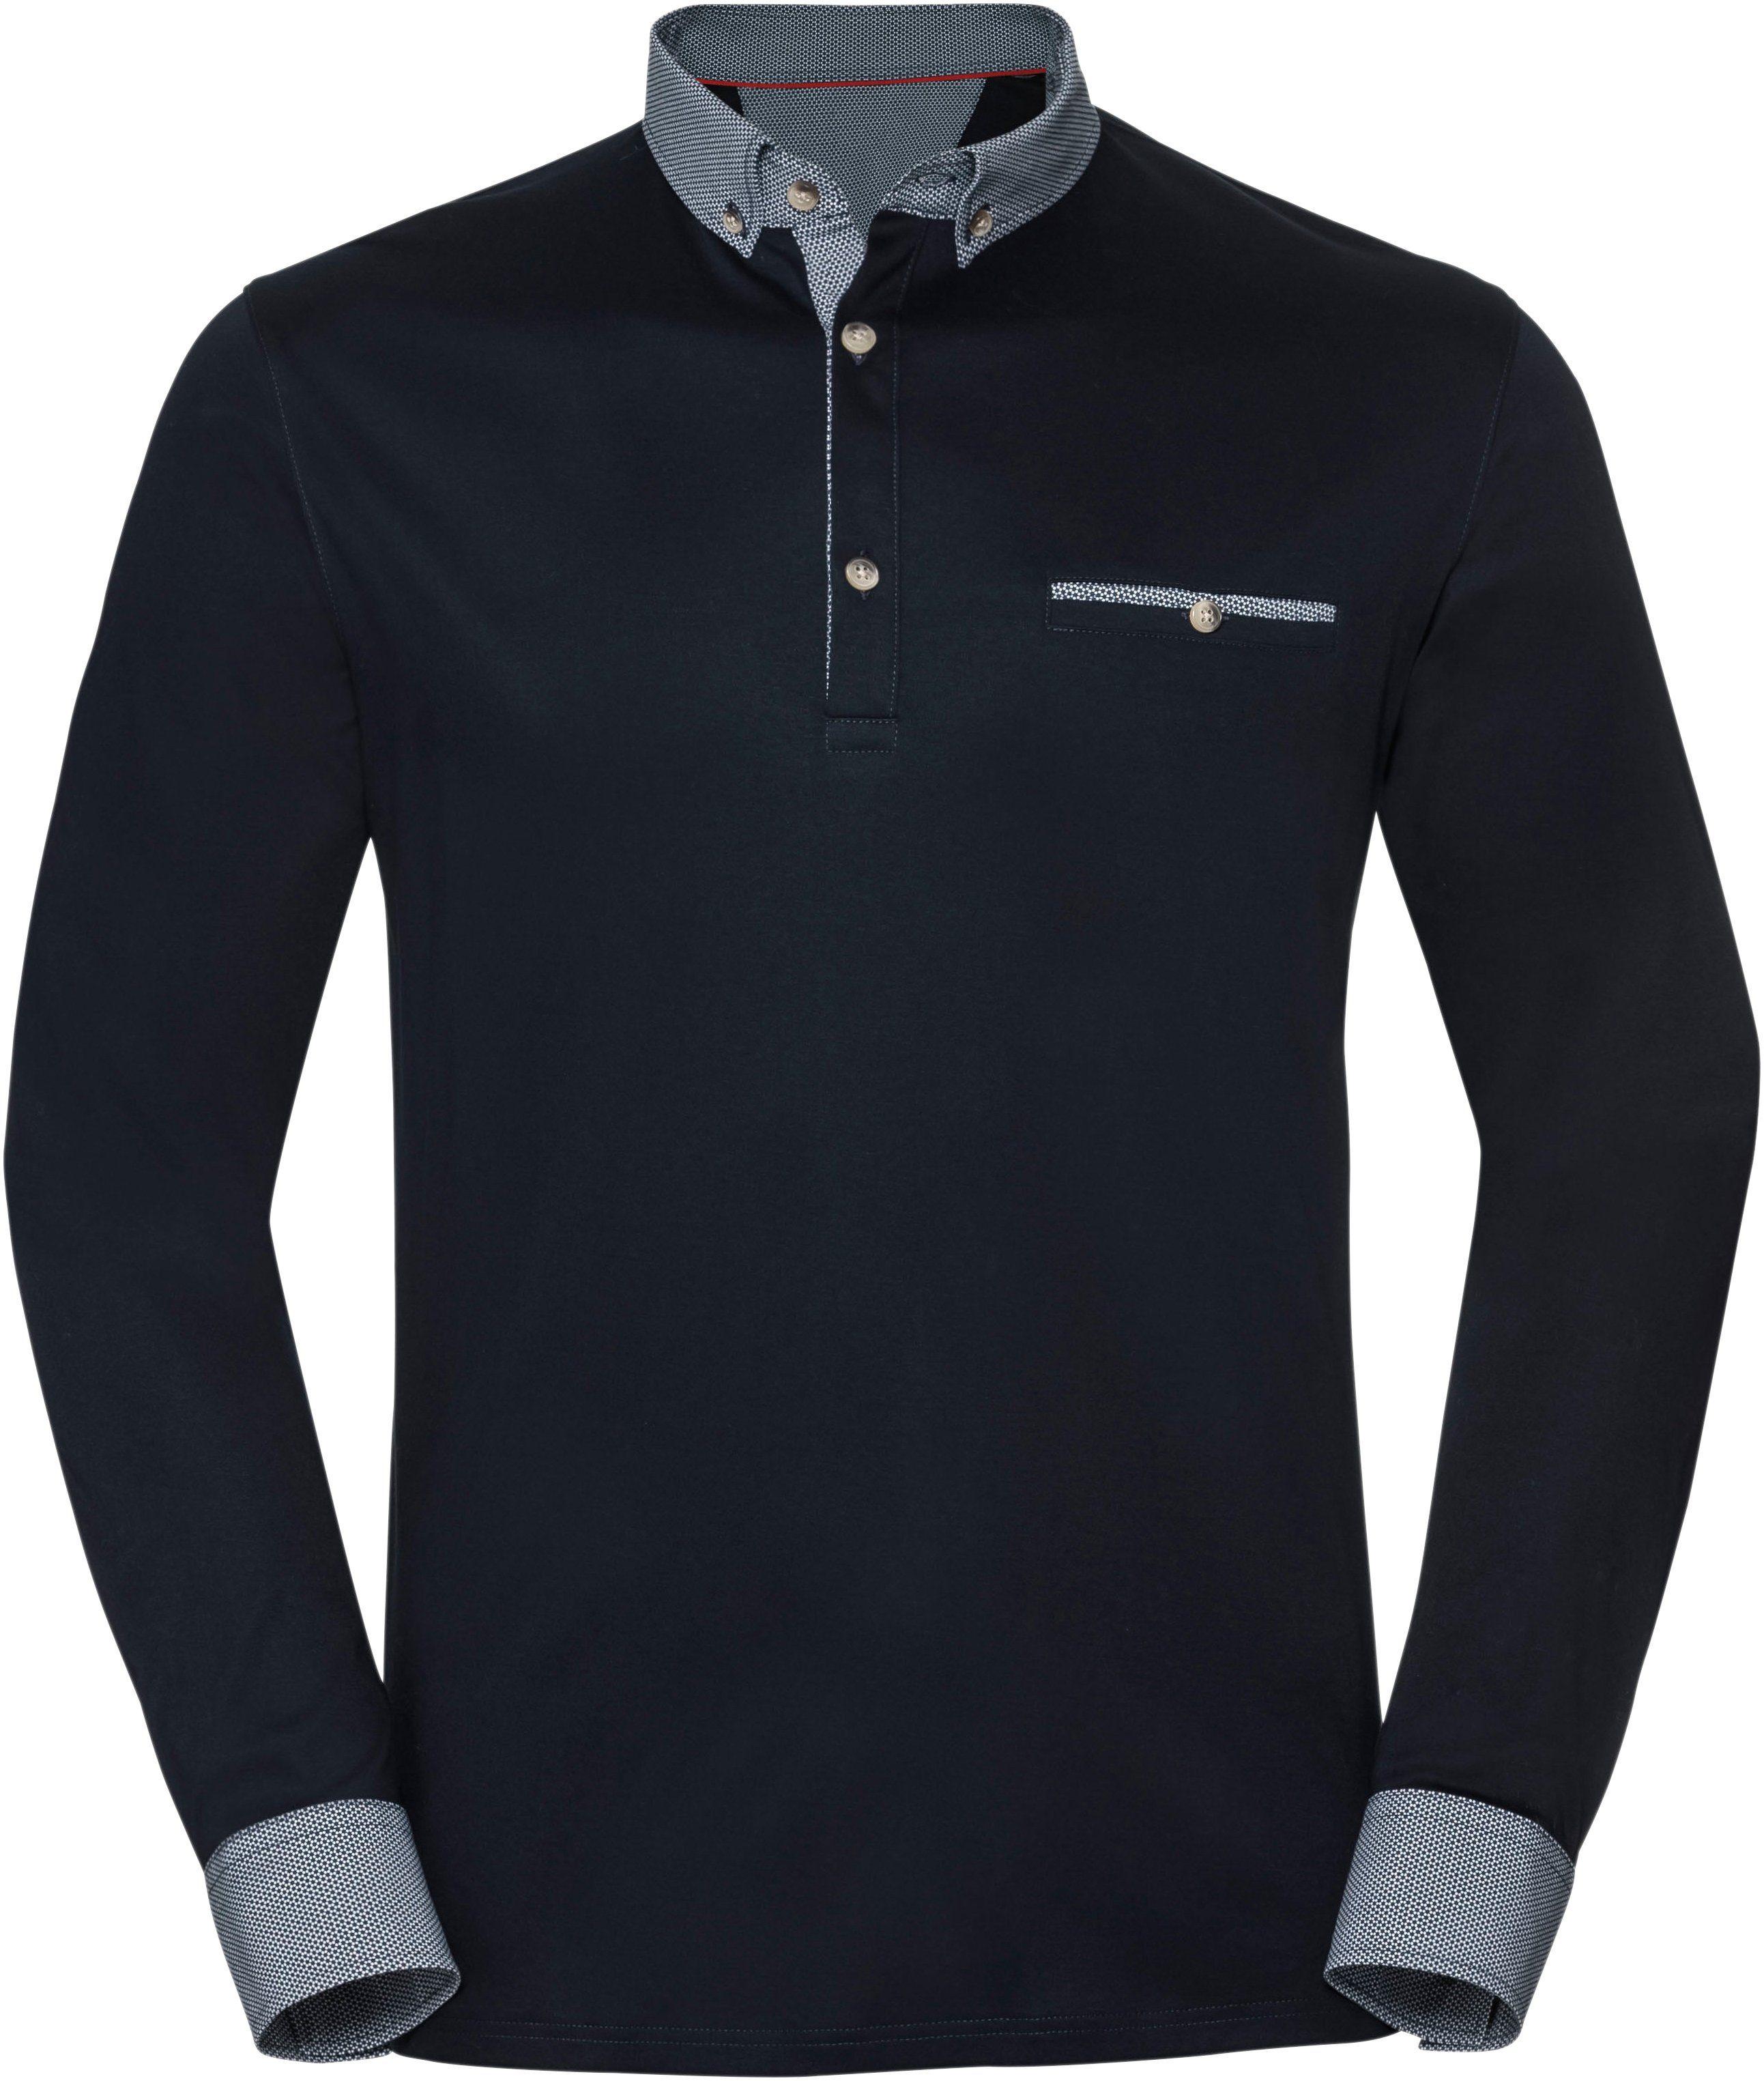 Aus Online Marco Langarm Kaufen Reiner shirt BaumwolleButton kragen Donati down OXiuwklZTP